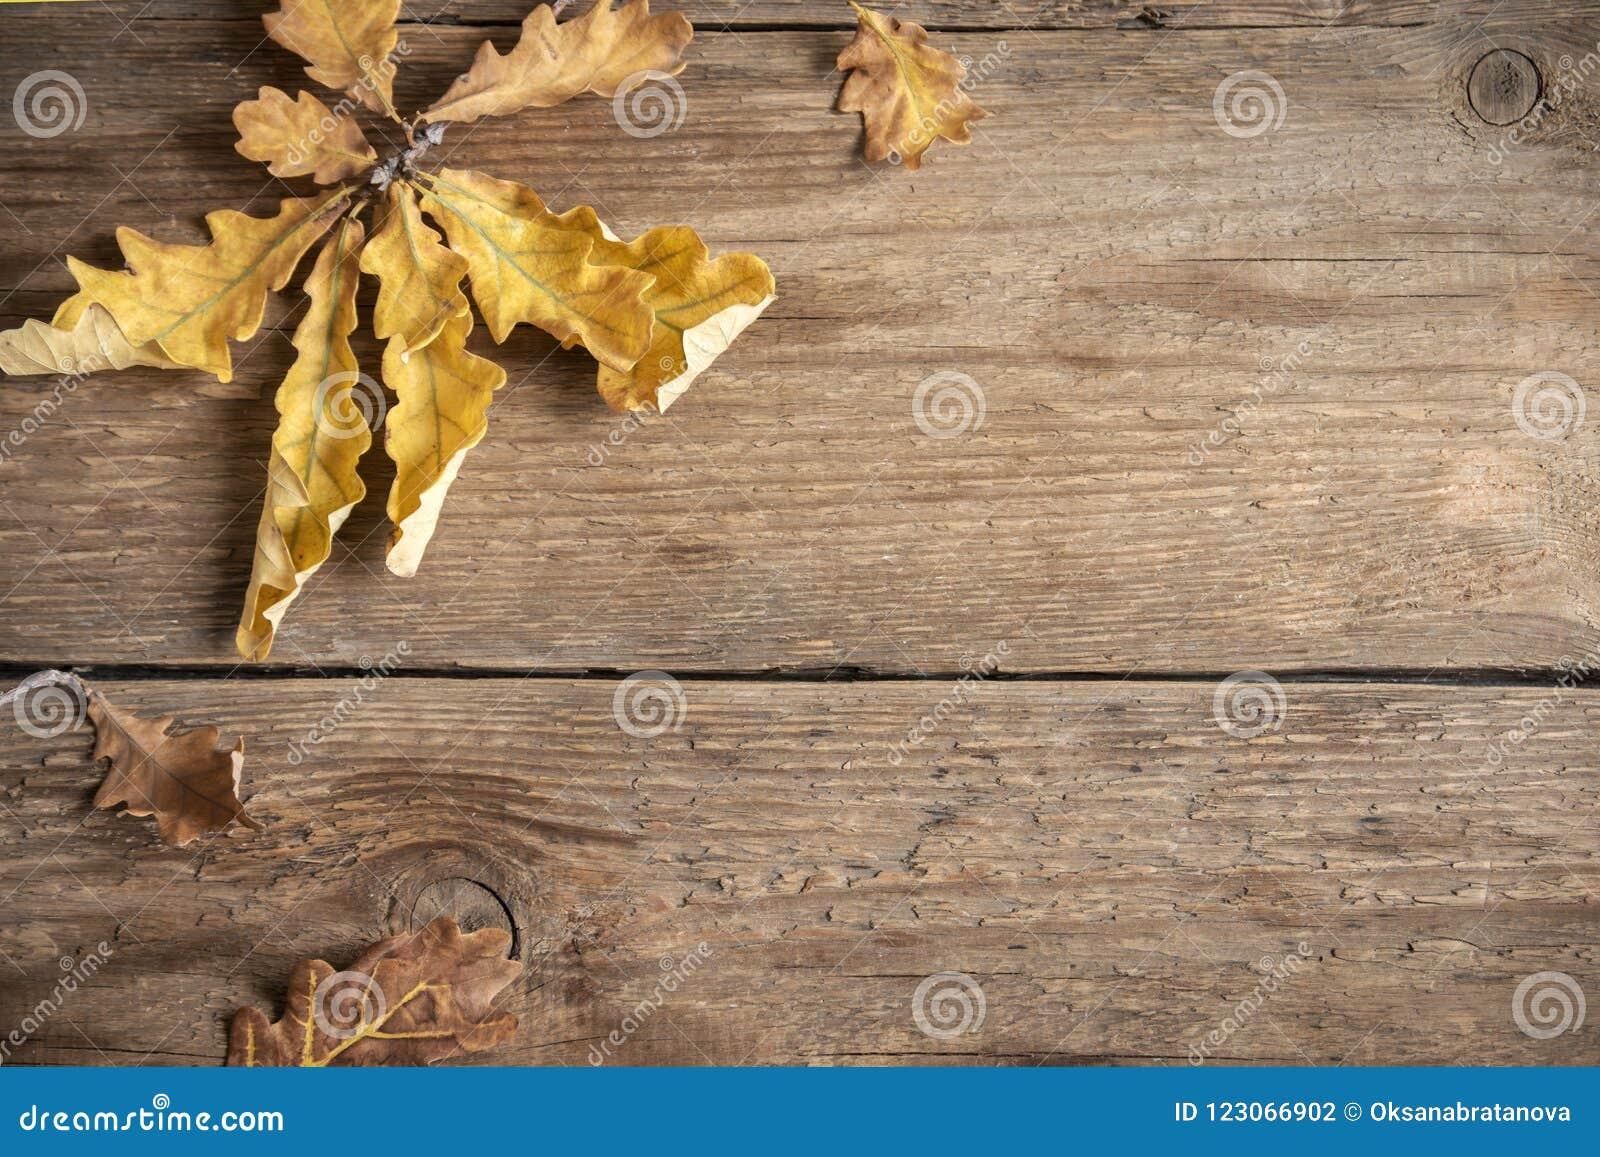 Herbst Trocknen Sie Blätter auf hölzernem